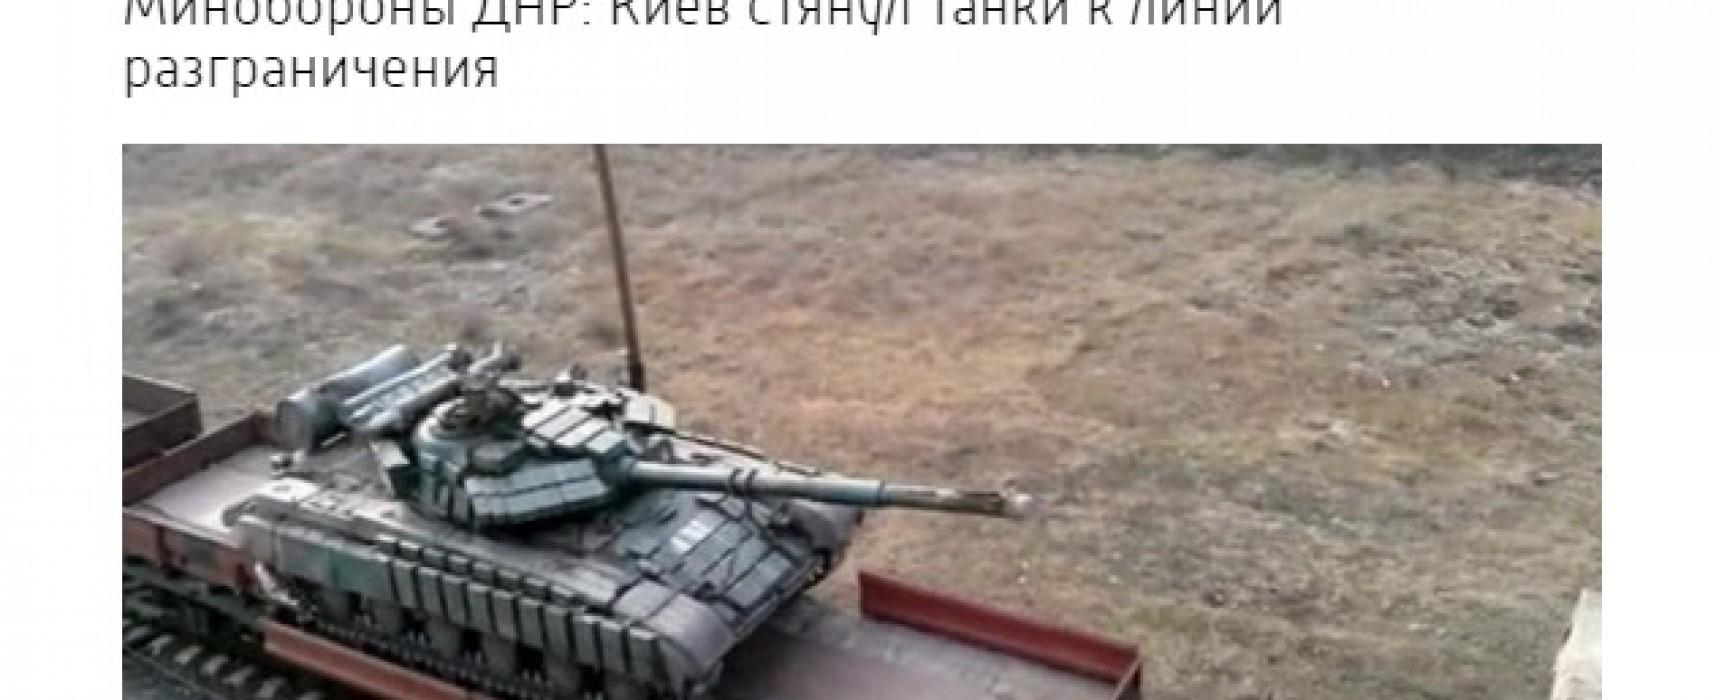 Фотофейк: скопление украинских танков в зоне АТО